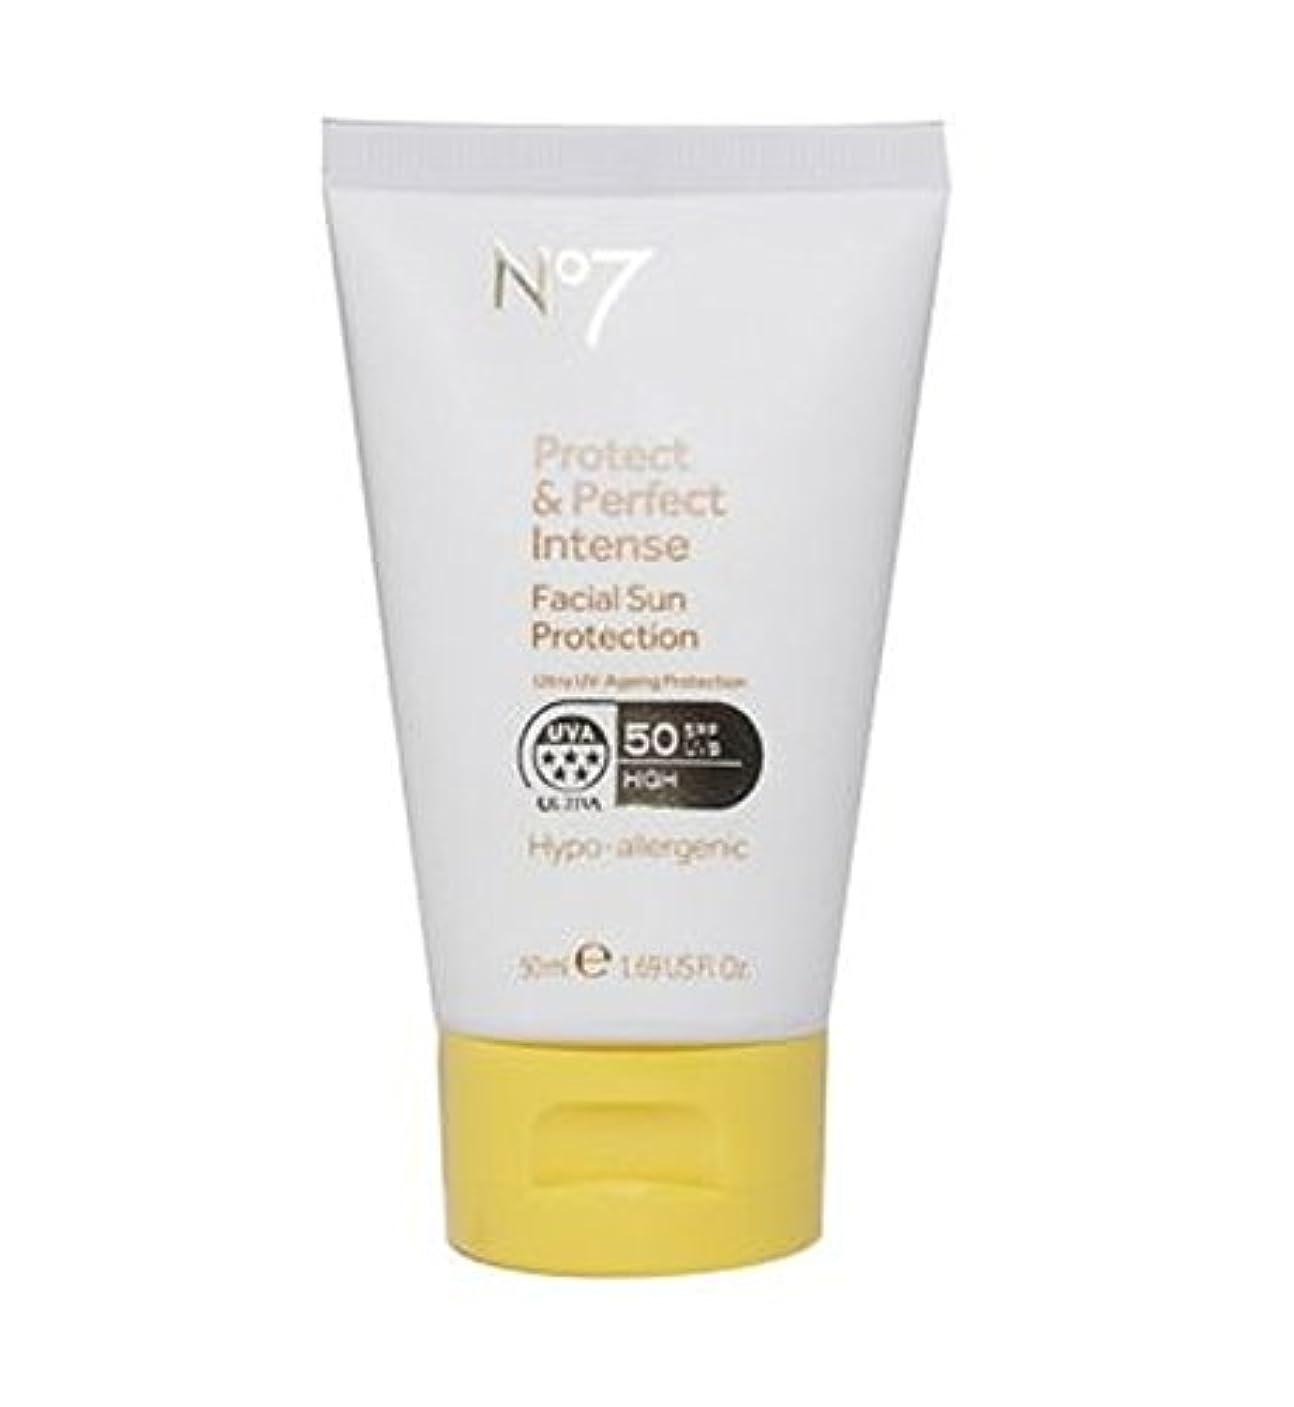 発言する洋服おめでとうNo7保護&完璧な強烈な顔の日焼け防止Spf 50 50ミリリットル (No7) (x2) - No7 Protect & Perfect Intense Facial Sun Protection SPF 50 50ml...